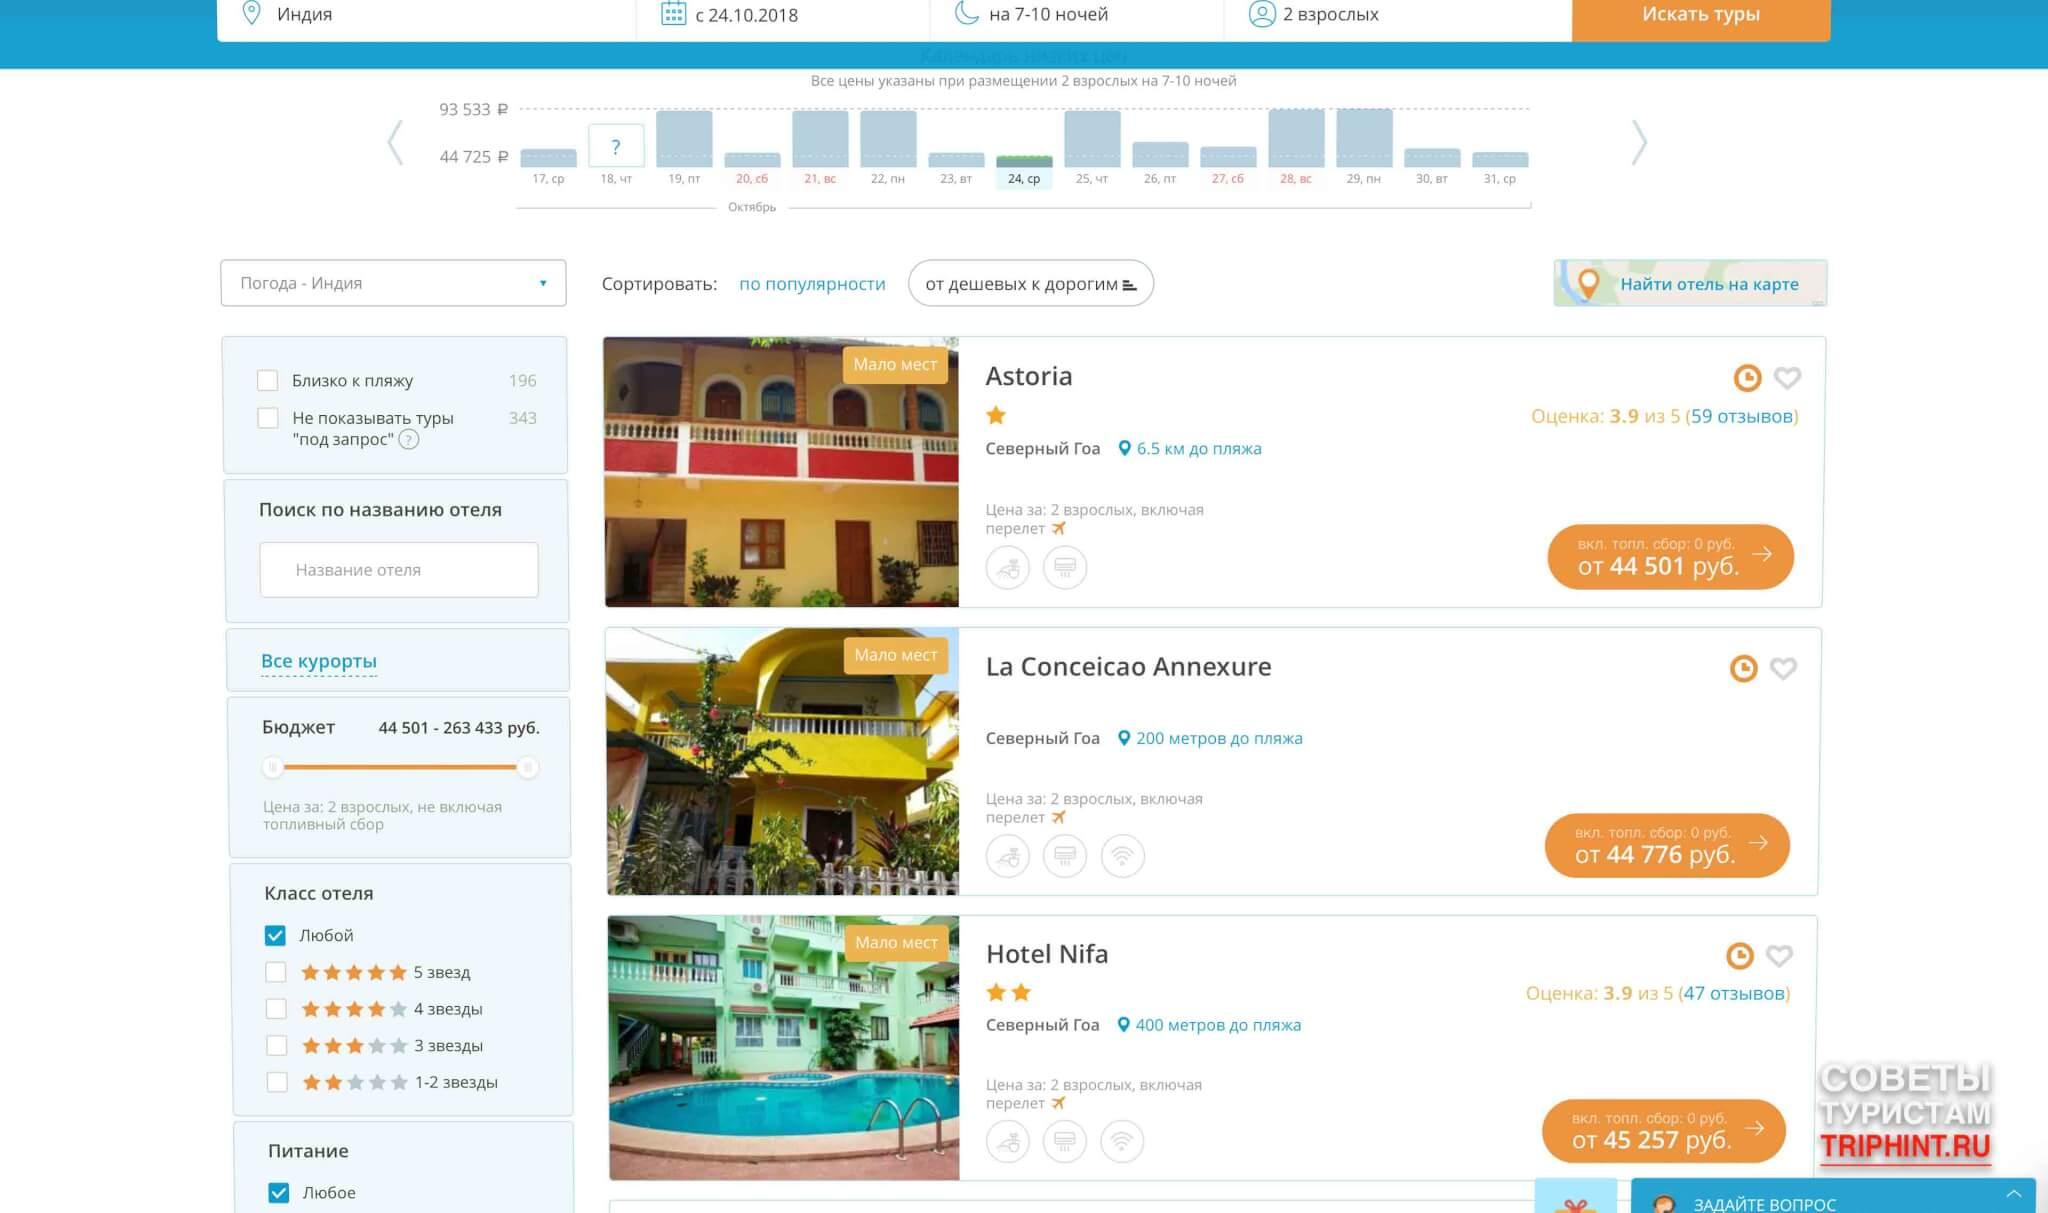 Стоимость поездки на ГОА (Индия) в октябре. Отели Astoria, Hotel Nifa в Северном ГОА,